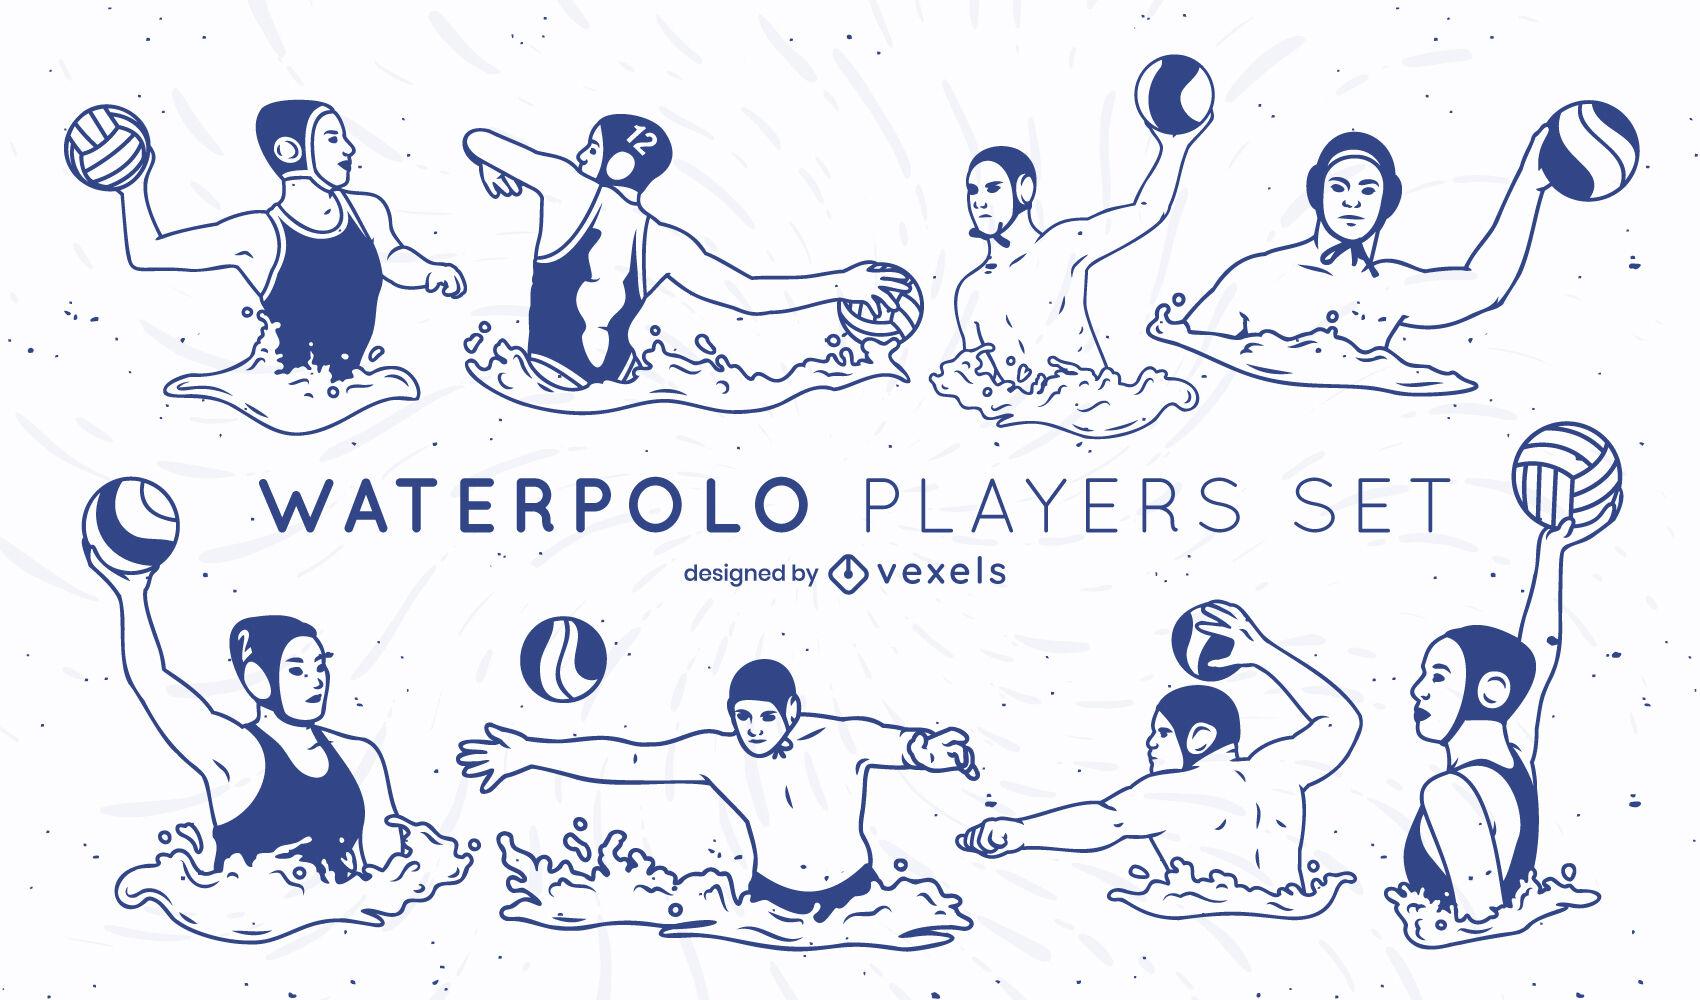 Los jugadores de waterpolo llenaron el conjunto de golpes